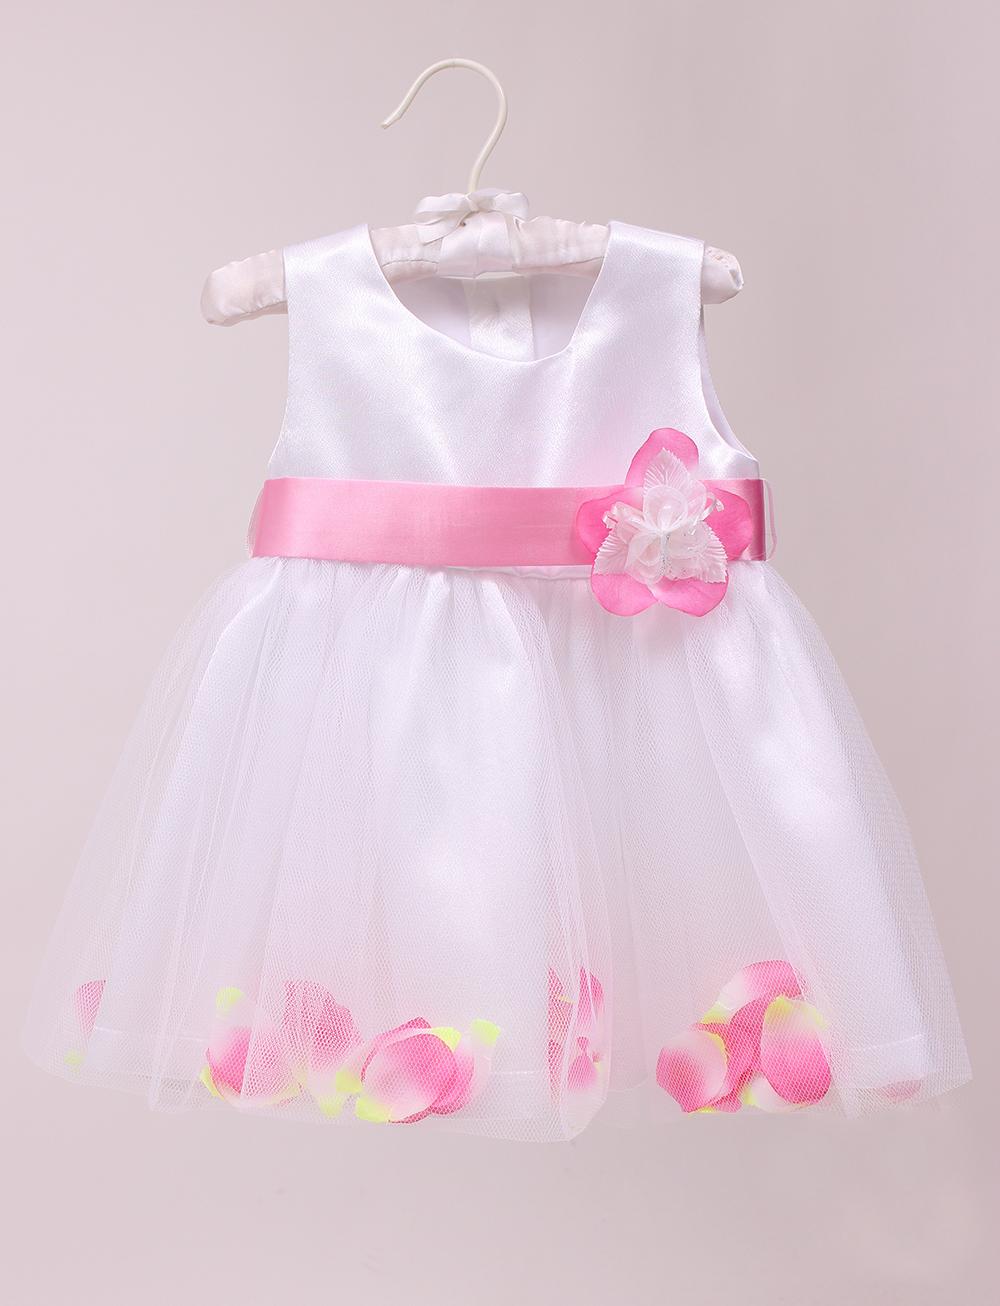 d66de9d3229 Бебешка официална рокля Произведено в BG 11991-RIQO kids.bgfamily.bg